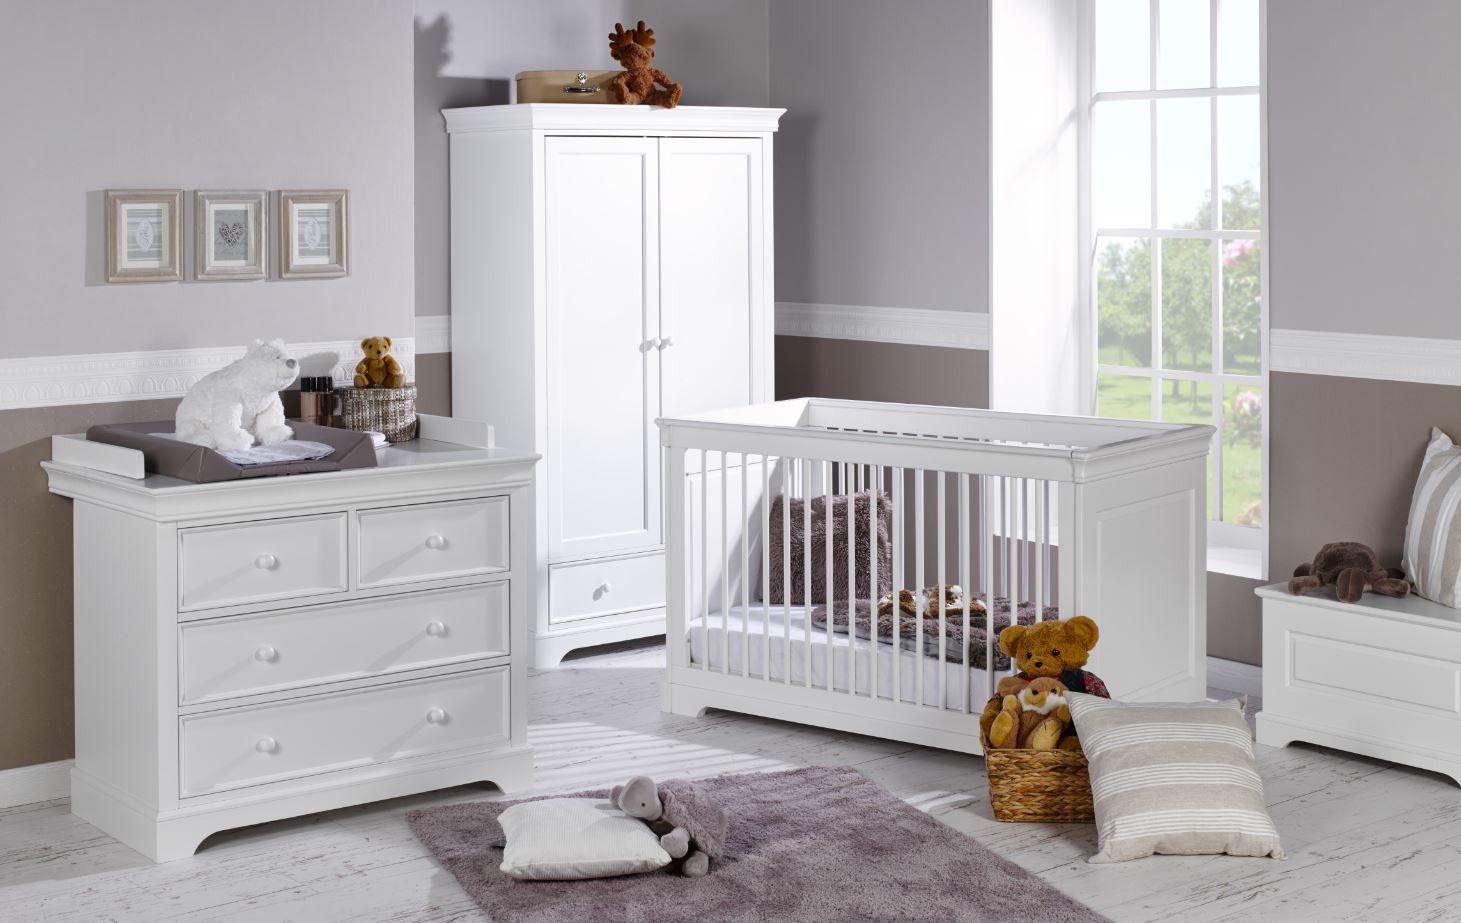 Lit Au sol Pour Bébé Charmant Meilleur Lit Pour Bébé Support Pour Baignoire Bébé Elegant Mode Bébé